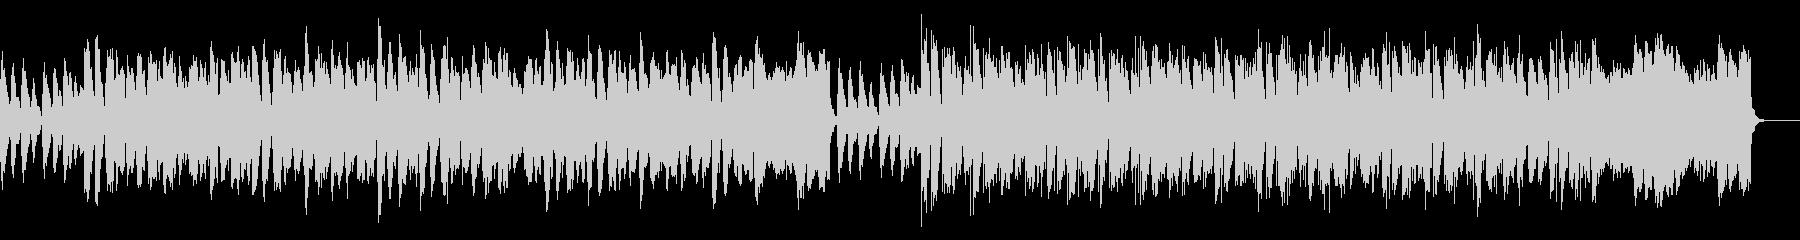 コミカルなBGMの未再生の波形